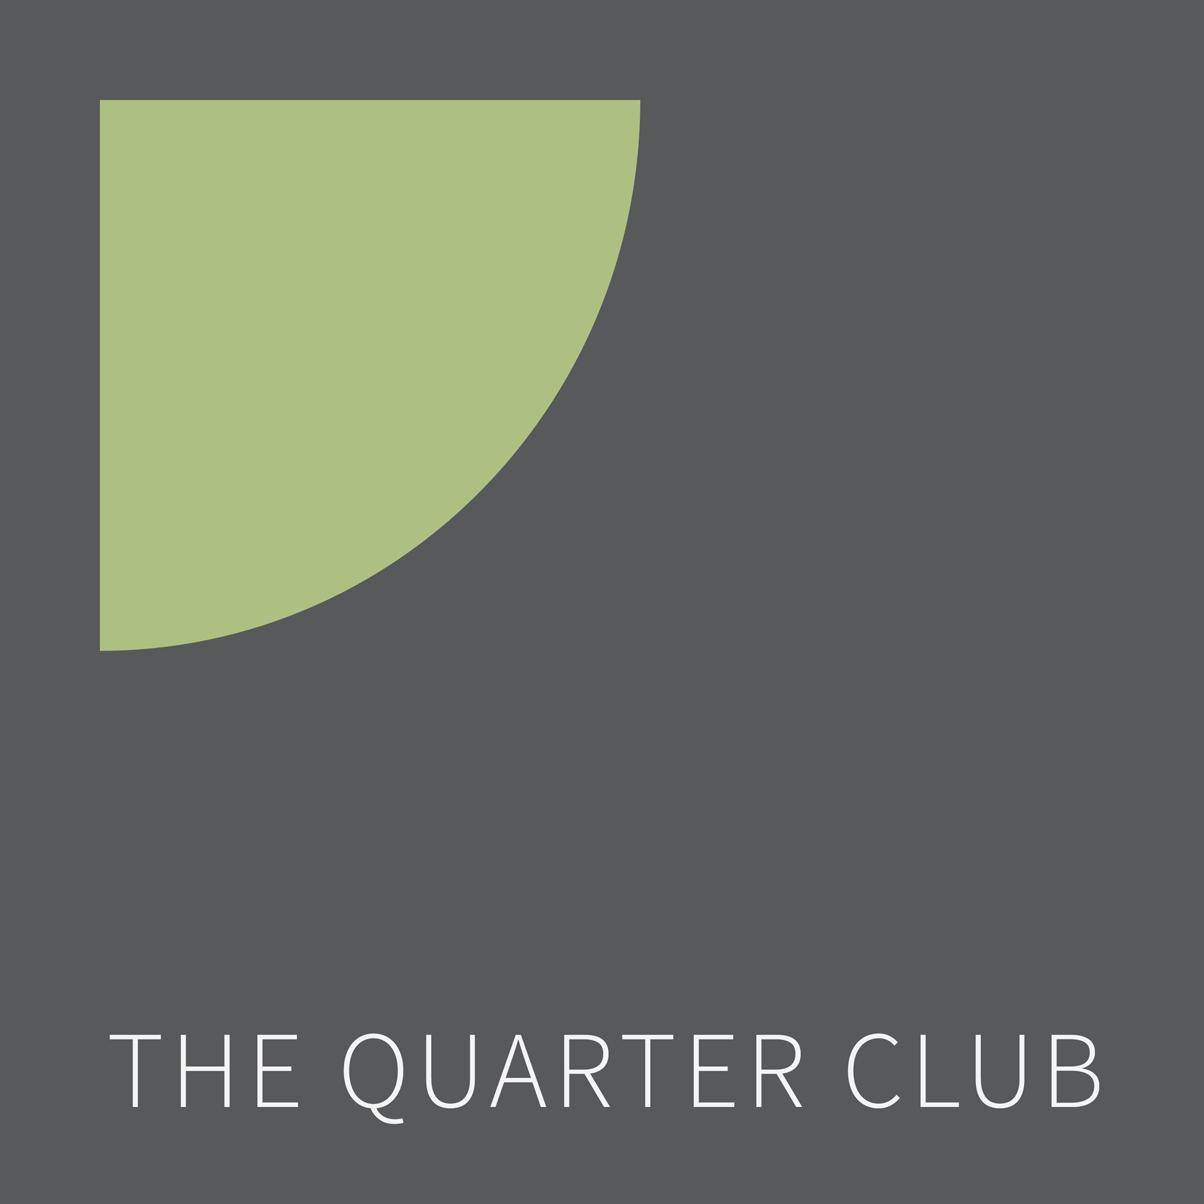 Quarter-club-icon-small.png